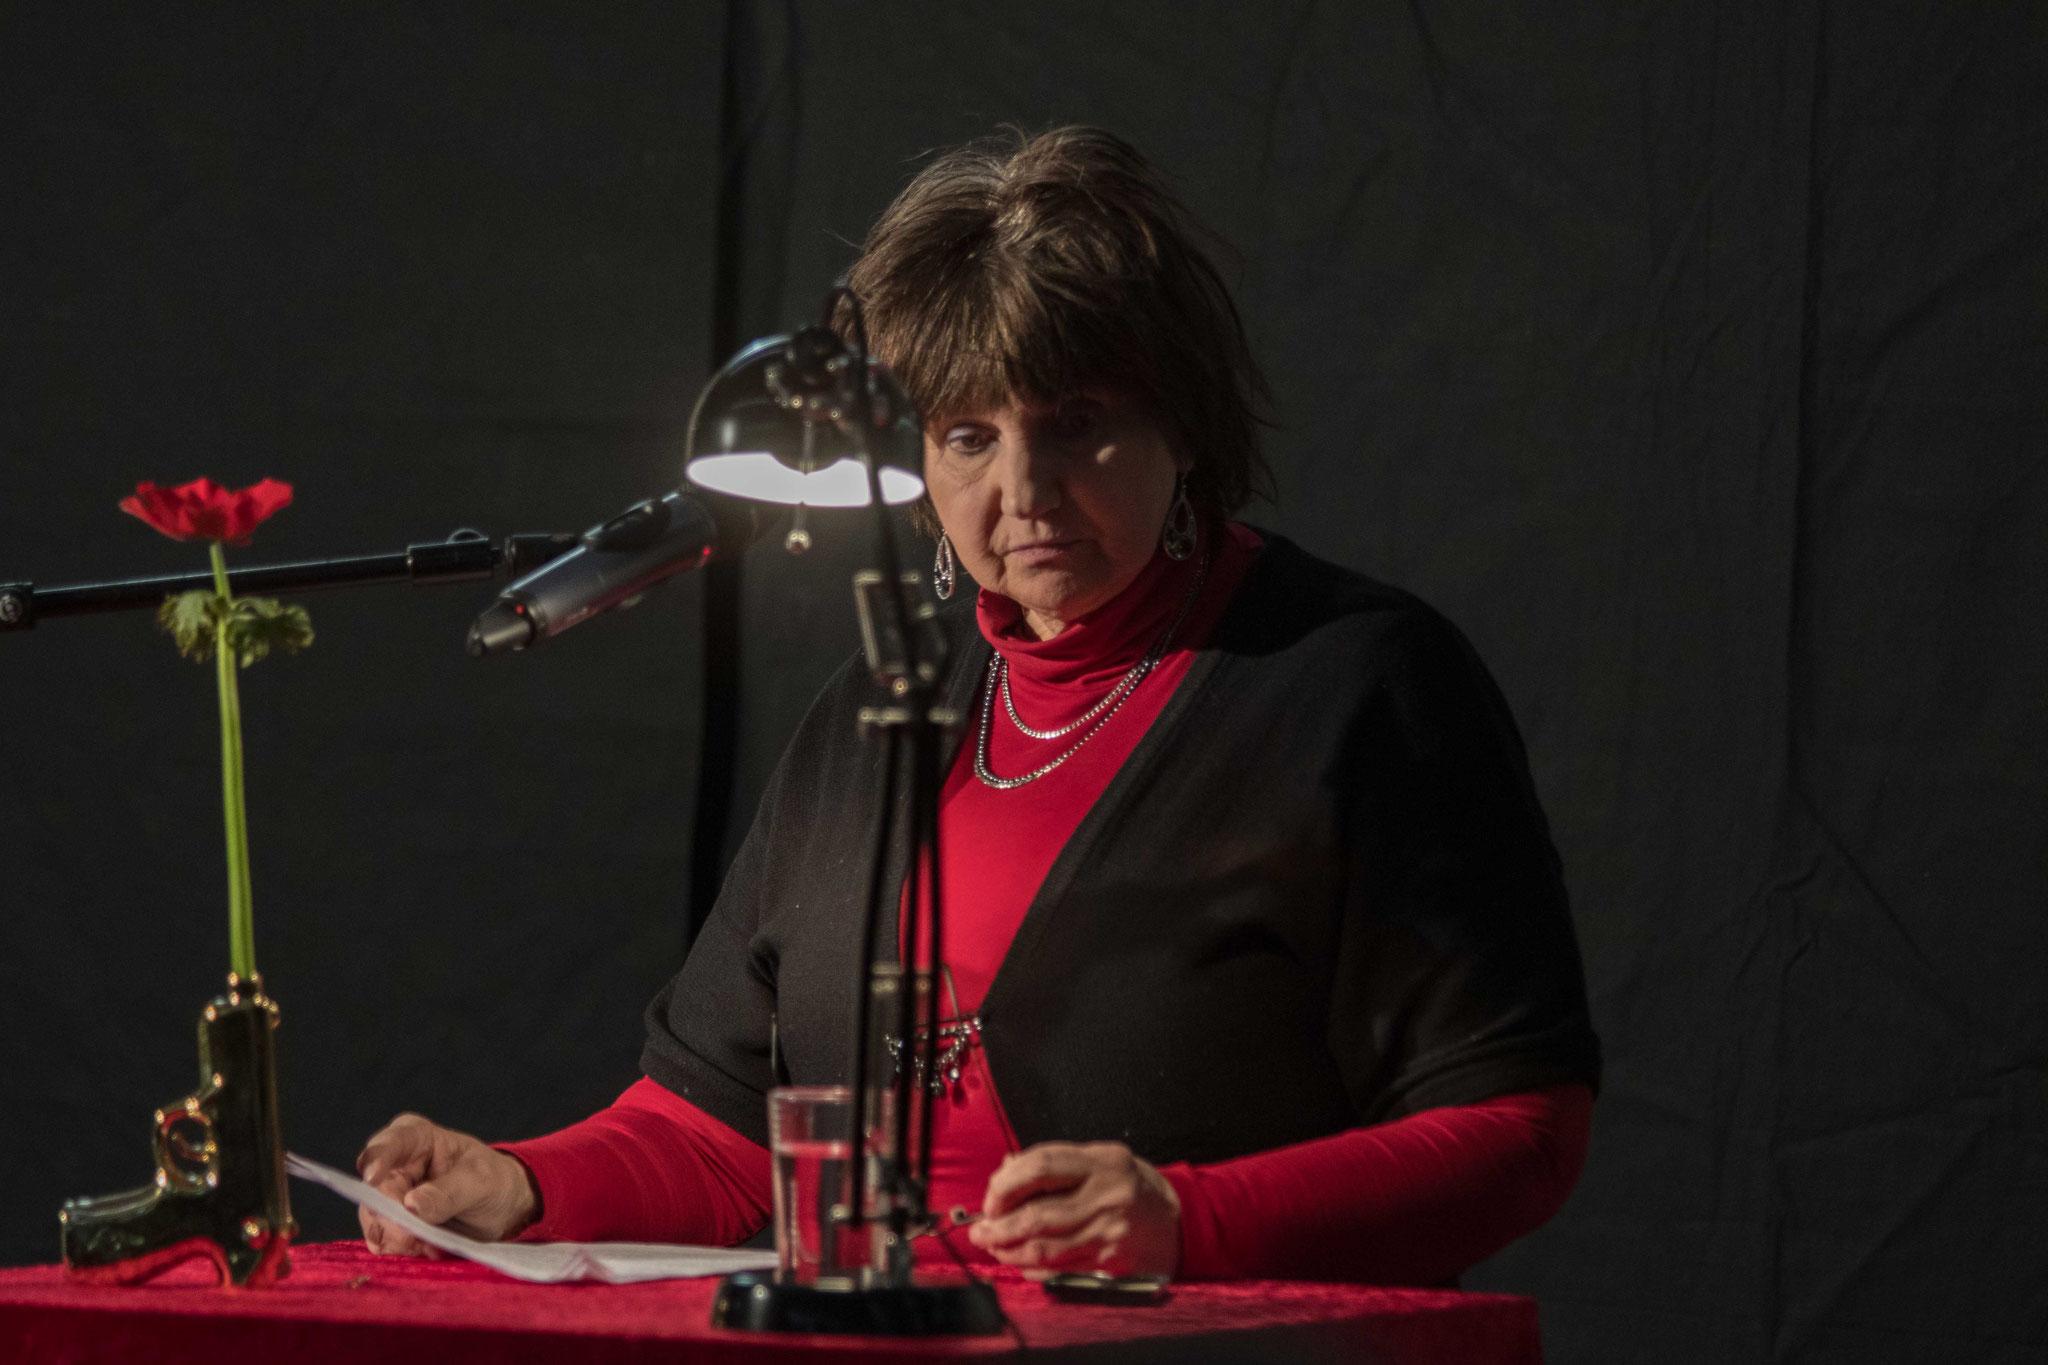 Rosemarie Benke-Bursian